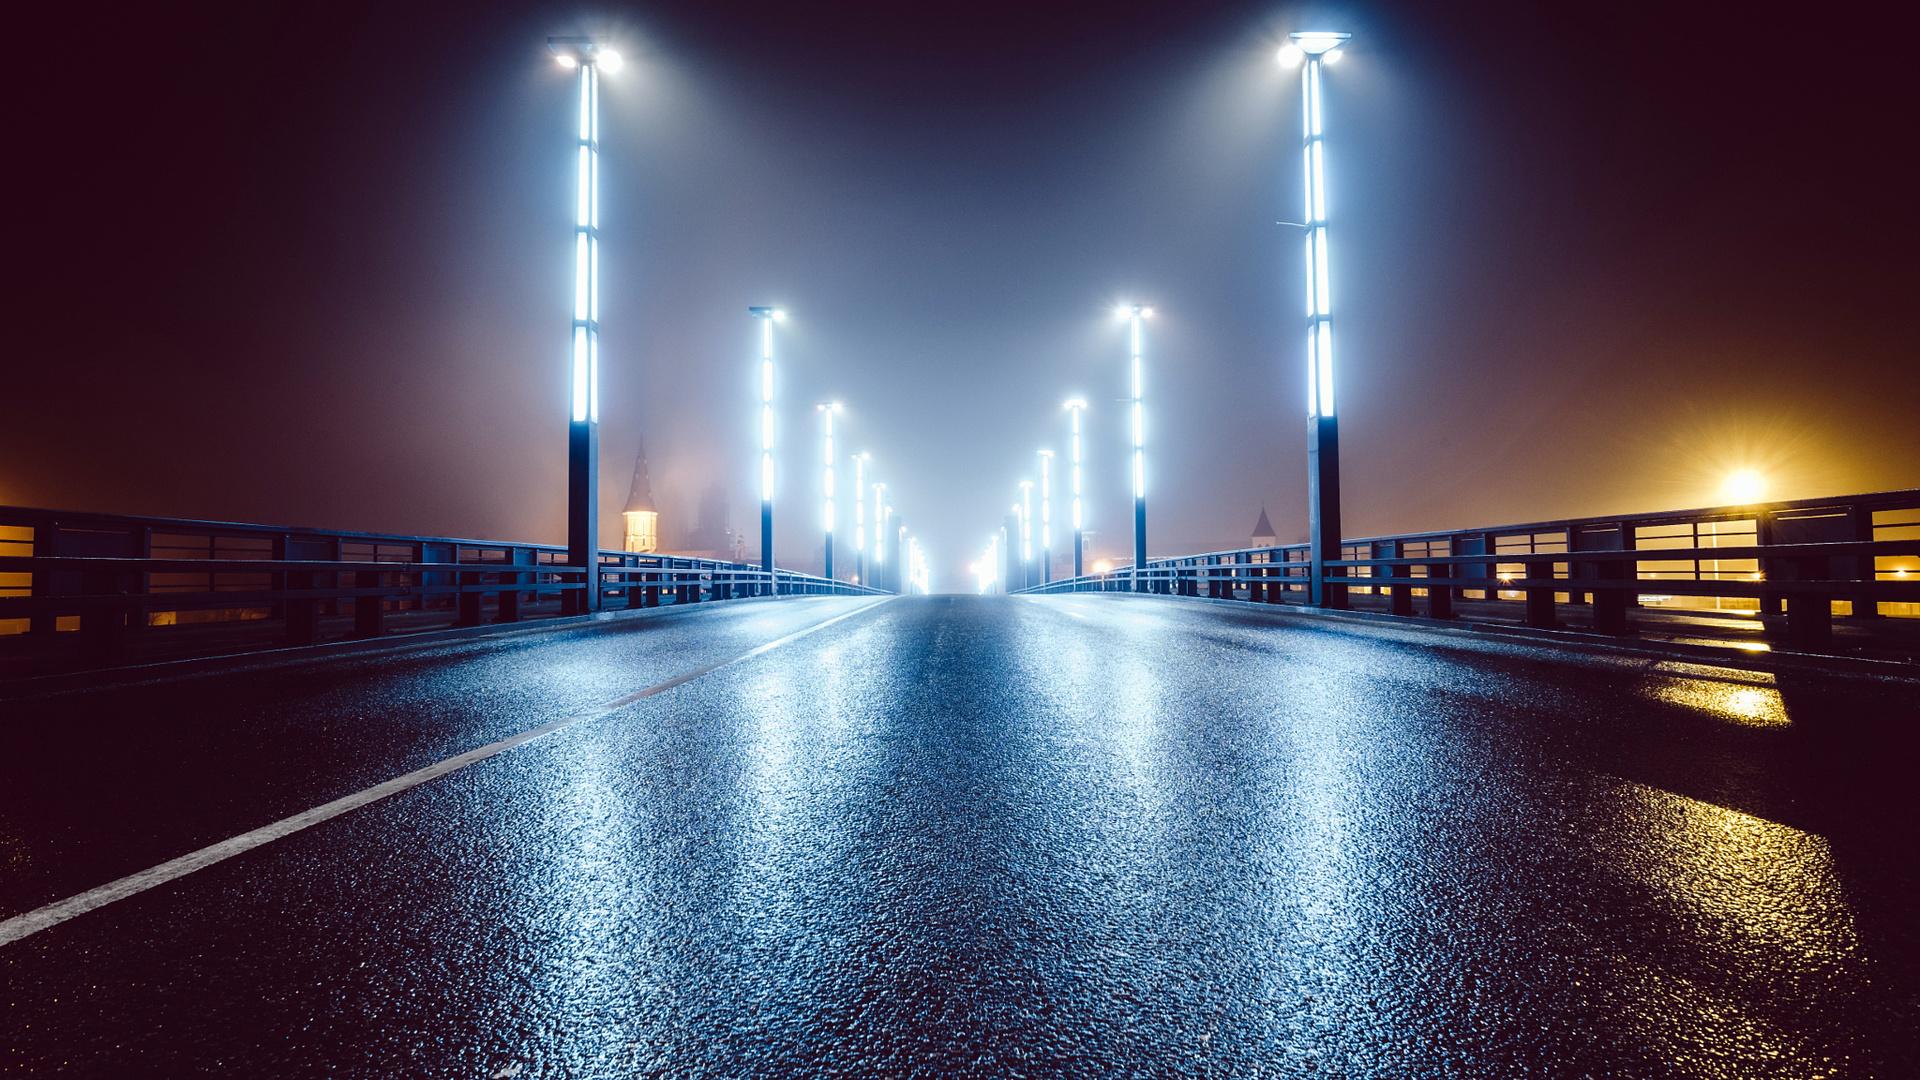 картинки освещение города фотосъемки помещении следует